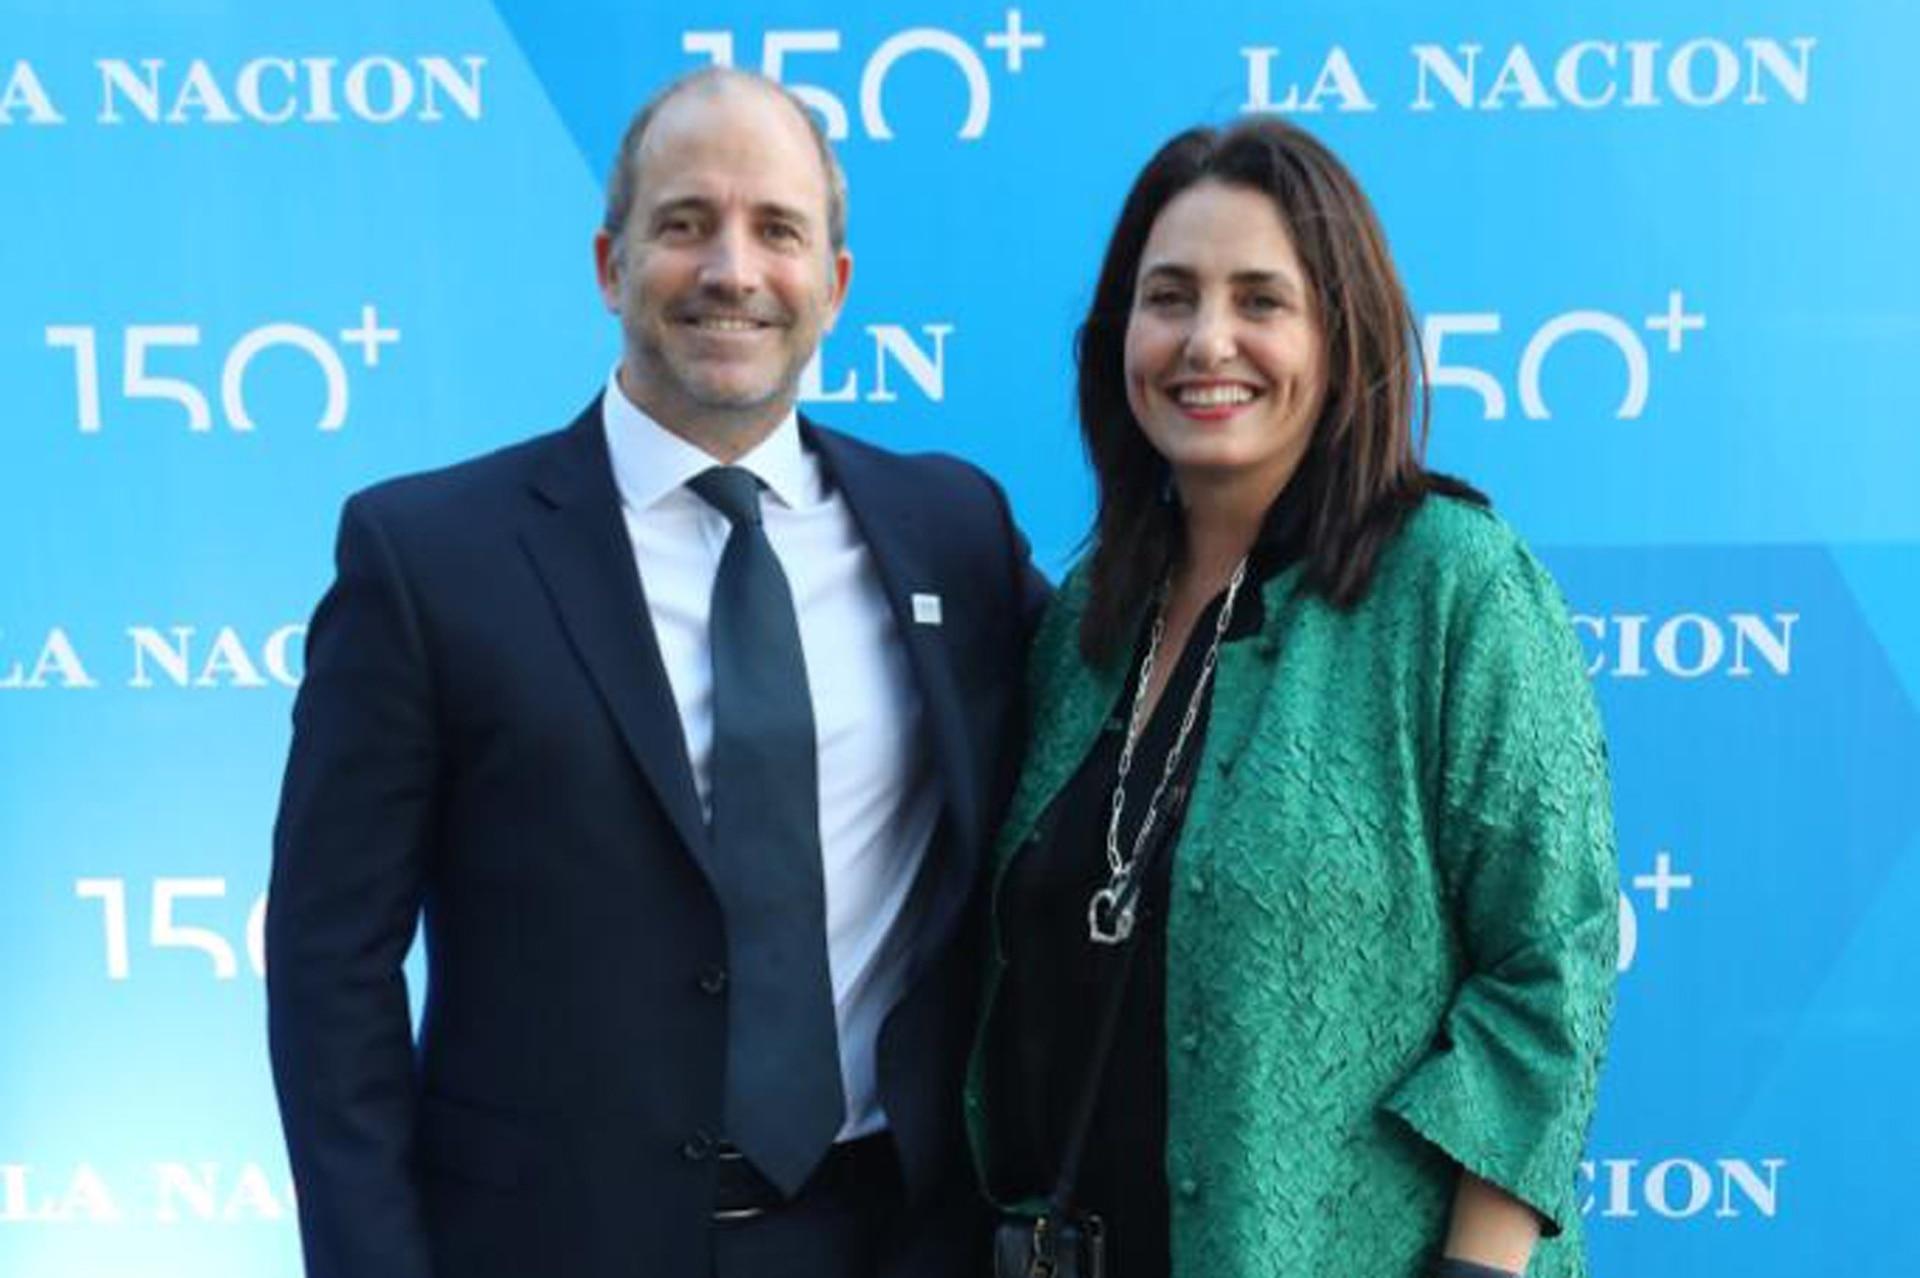 Gervasio Marques Peña, Director Comercial de LA NACION y Verónica Cheja, de Urban Press